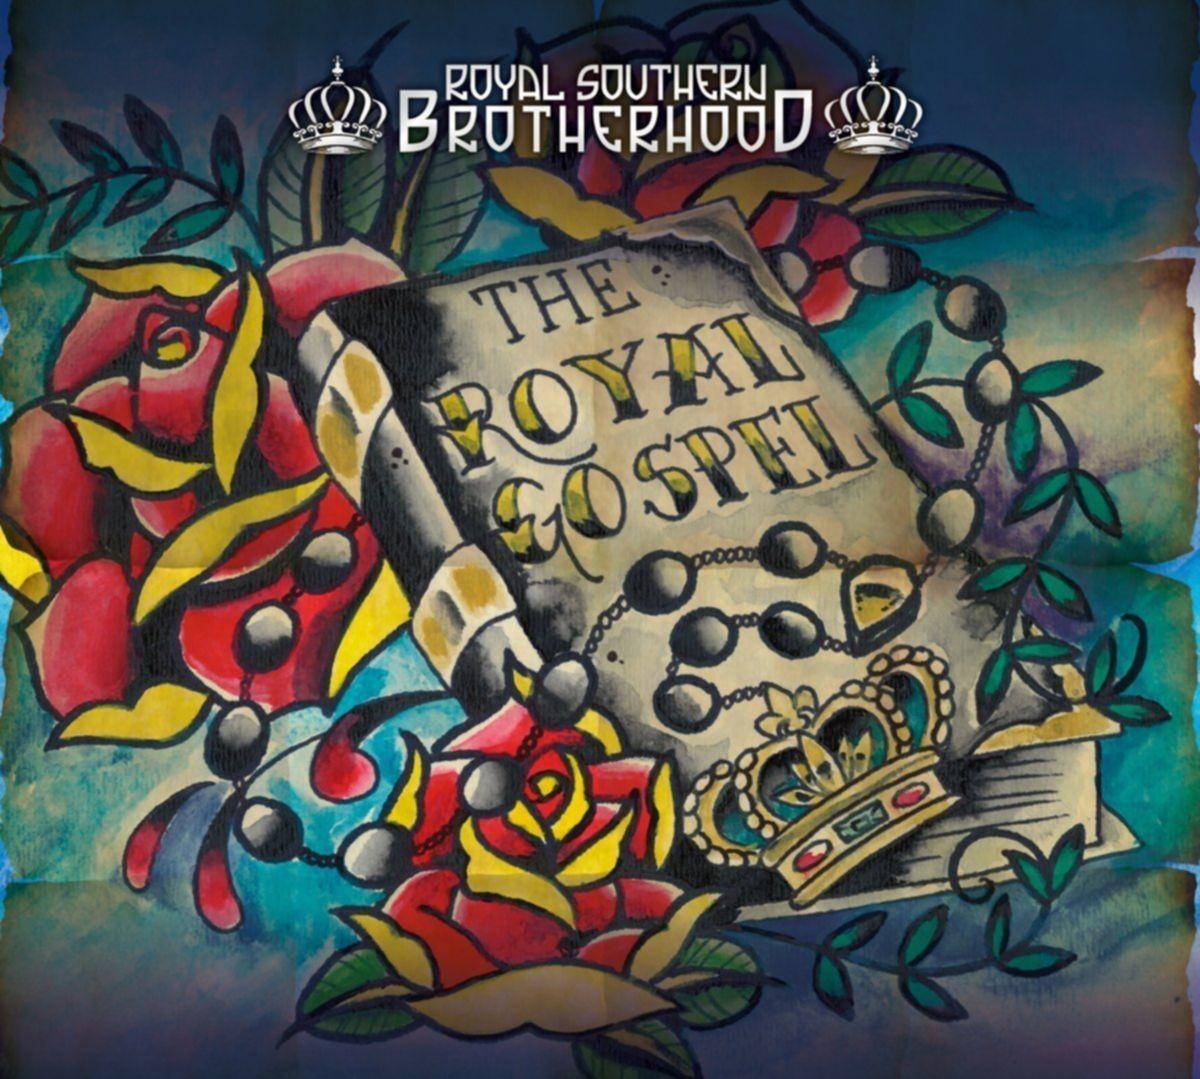 royal southern brotherhood royal gospel